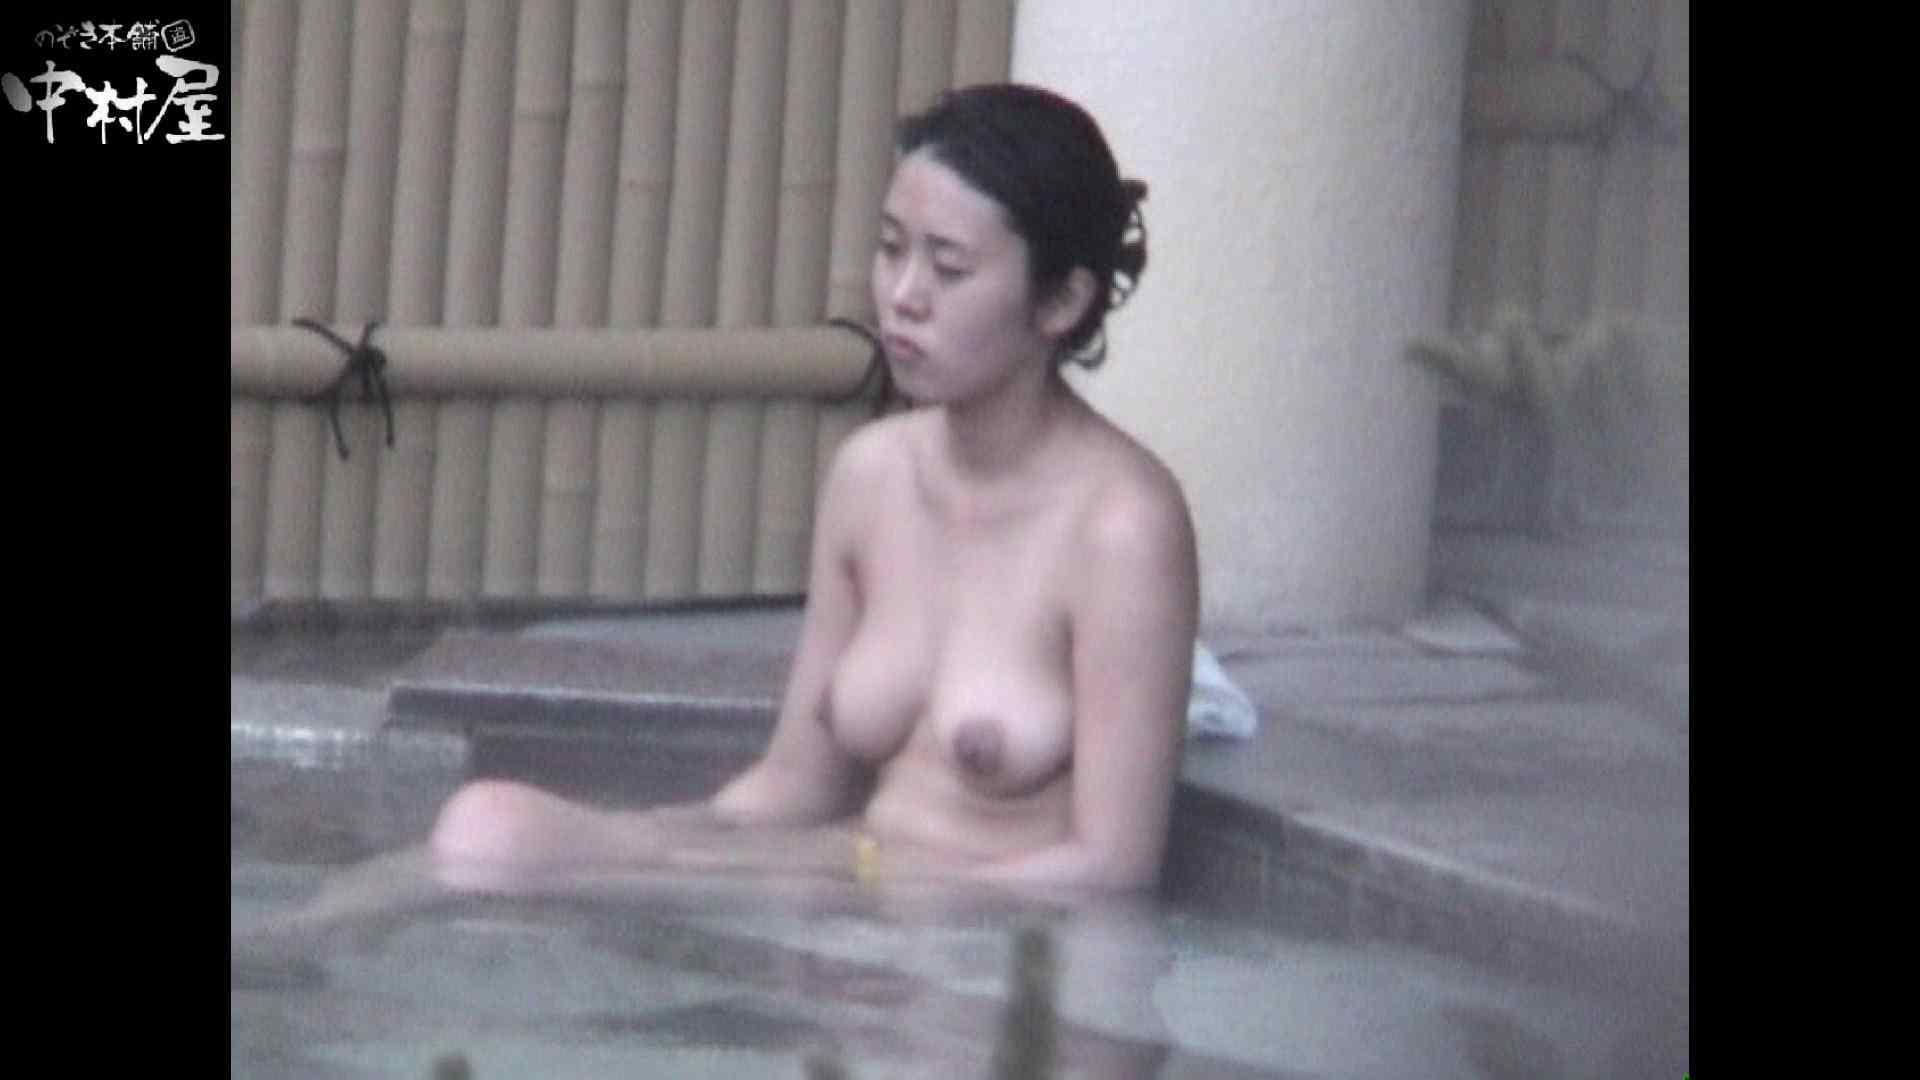 Aquaな露天風呂Vol.923 OLハメ撮り  91Pix 89